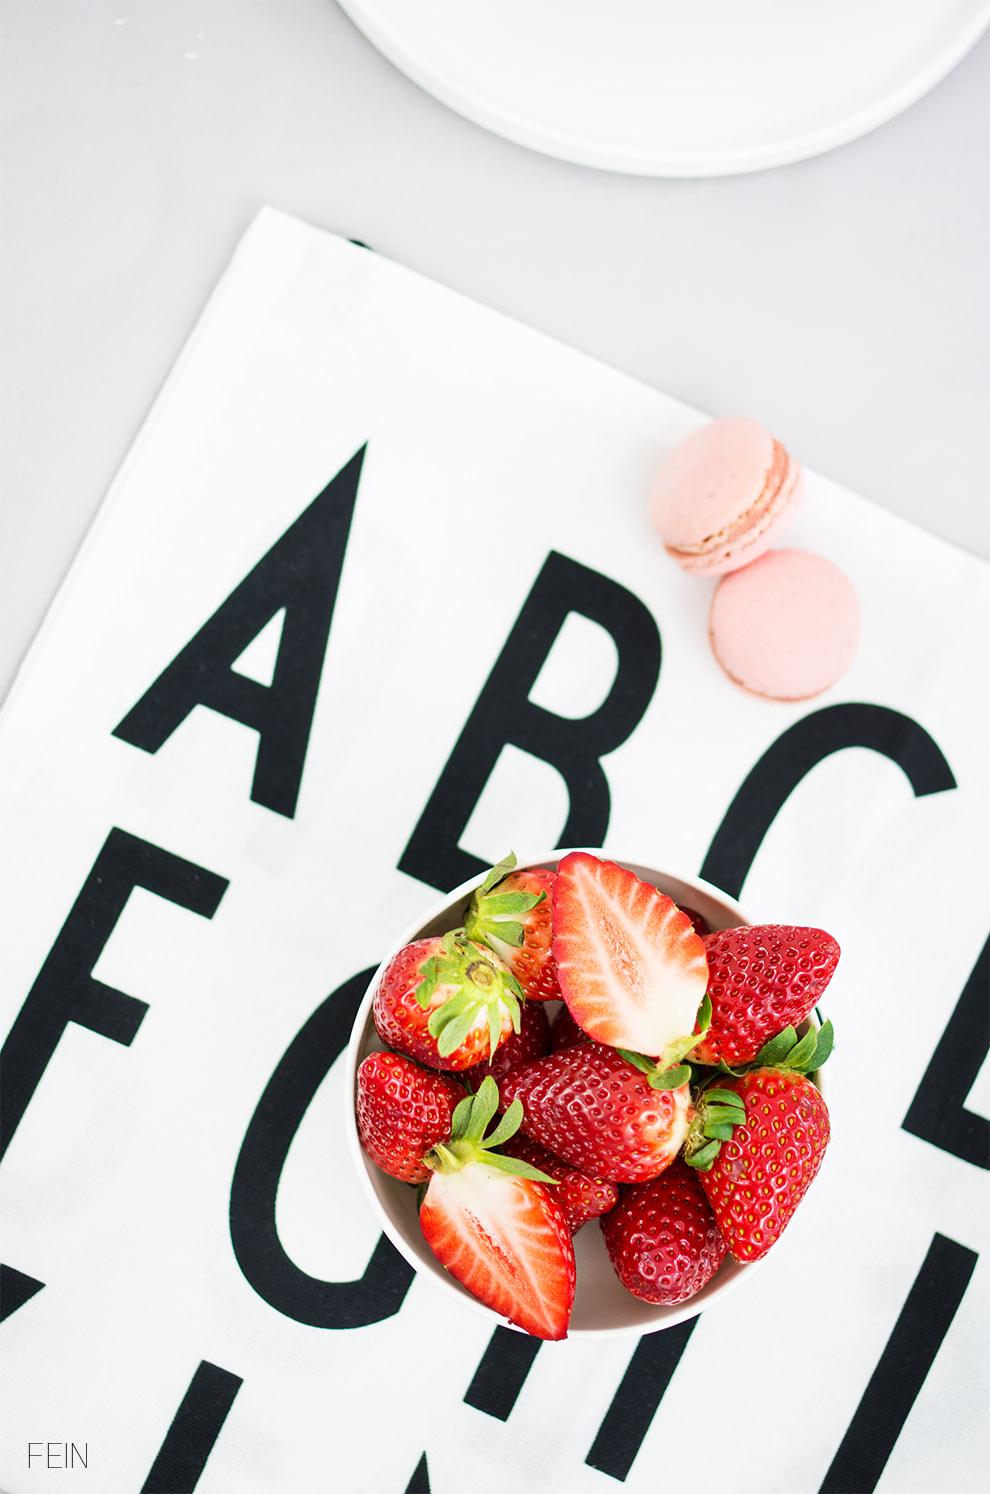 erdbeertorte Design Letters ABC